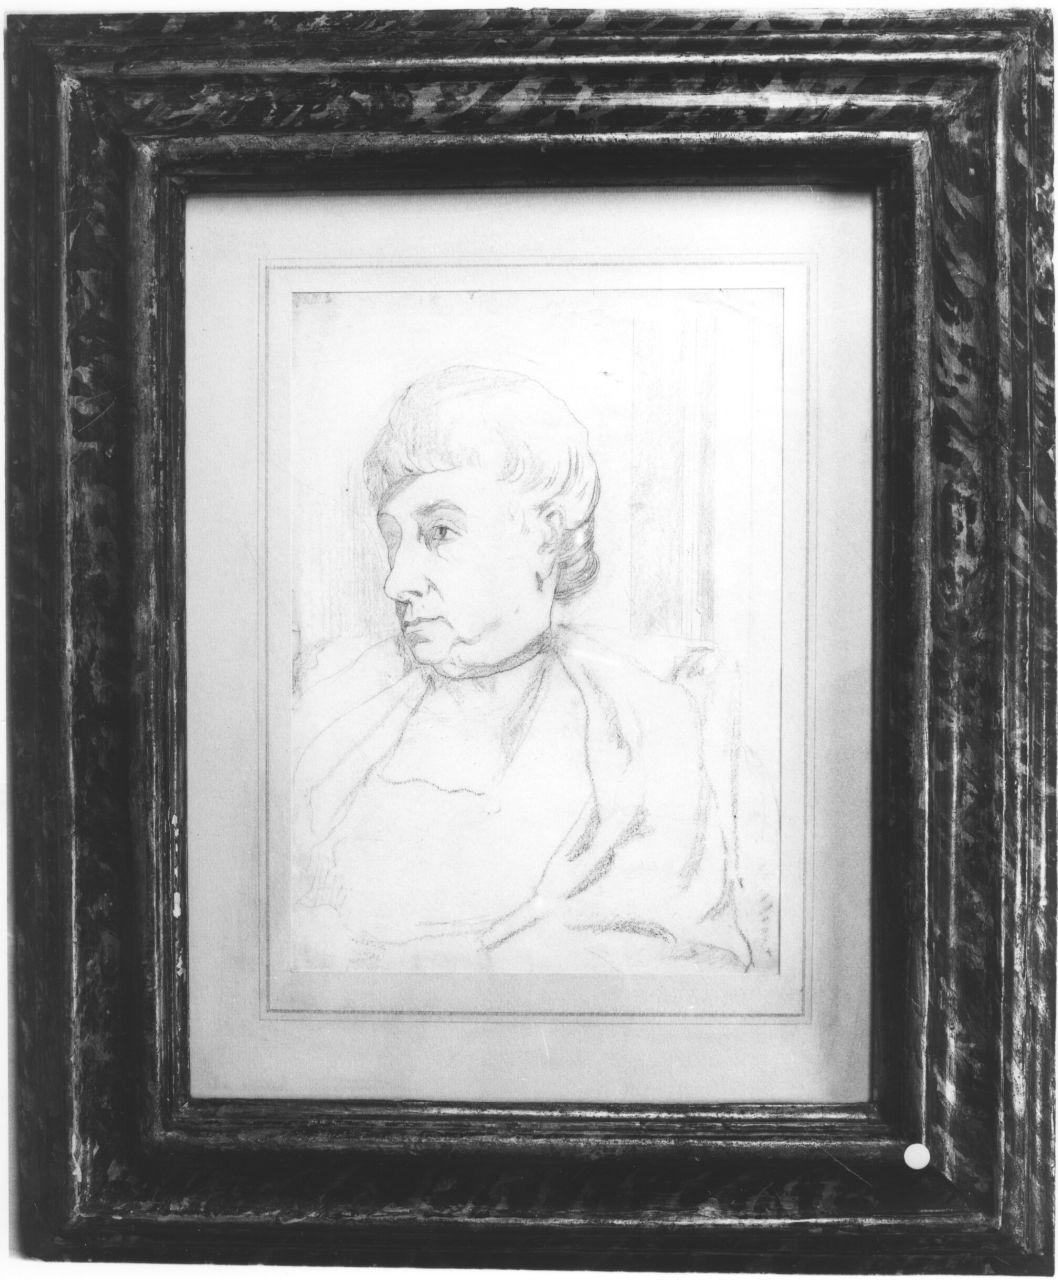 ritratto di donna (disegno) di De Chirico Giorgio (primo quarto sec. XX)